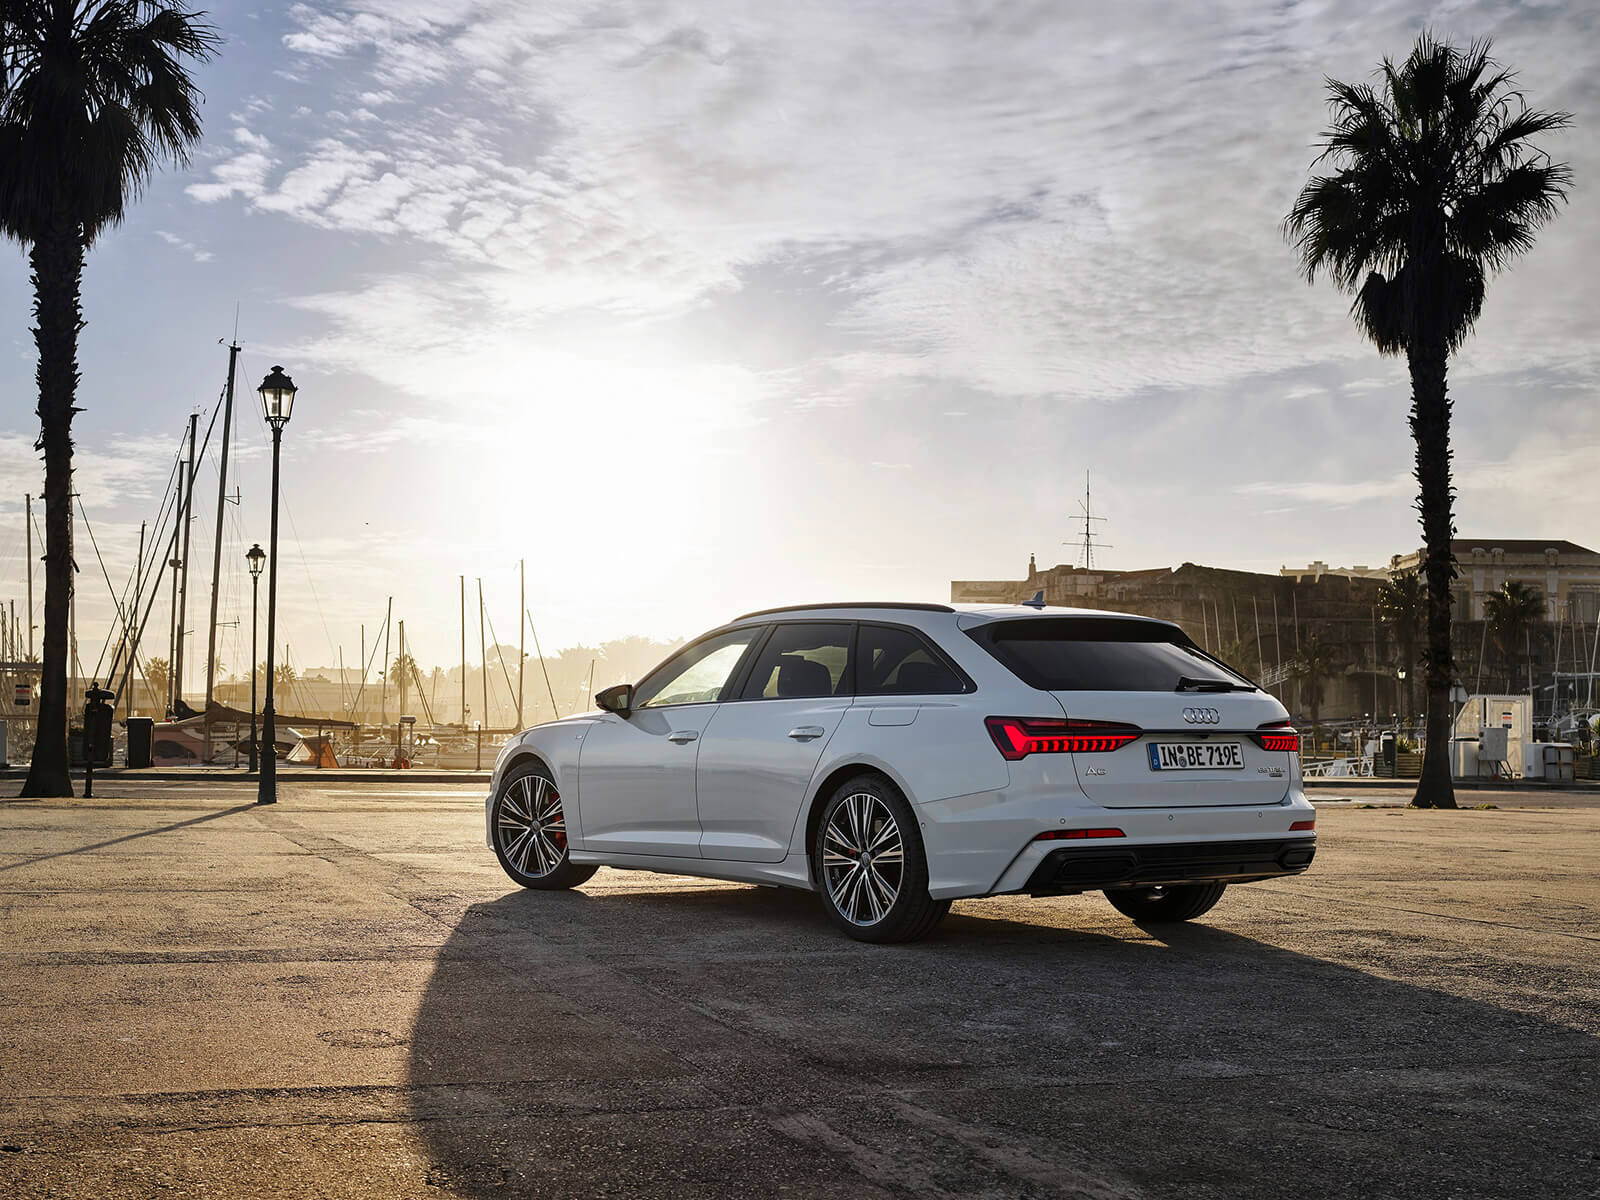 Νέο Audi A6 Avant TFSI e quattro - Πίσω όψη